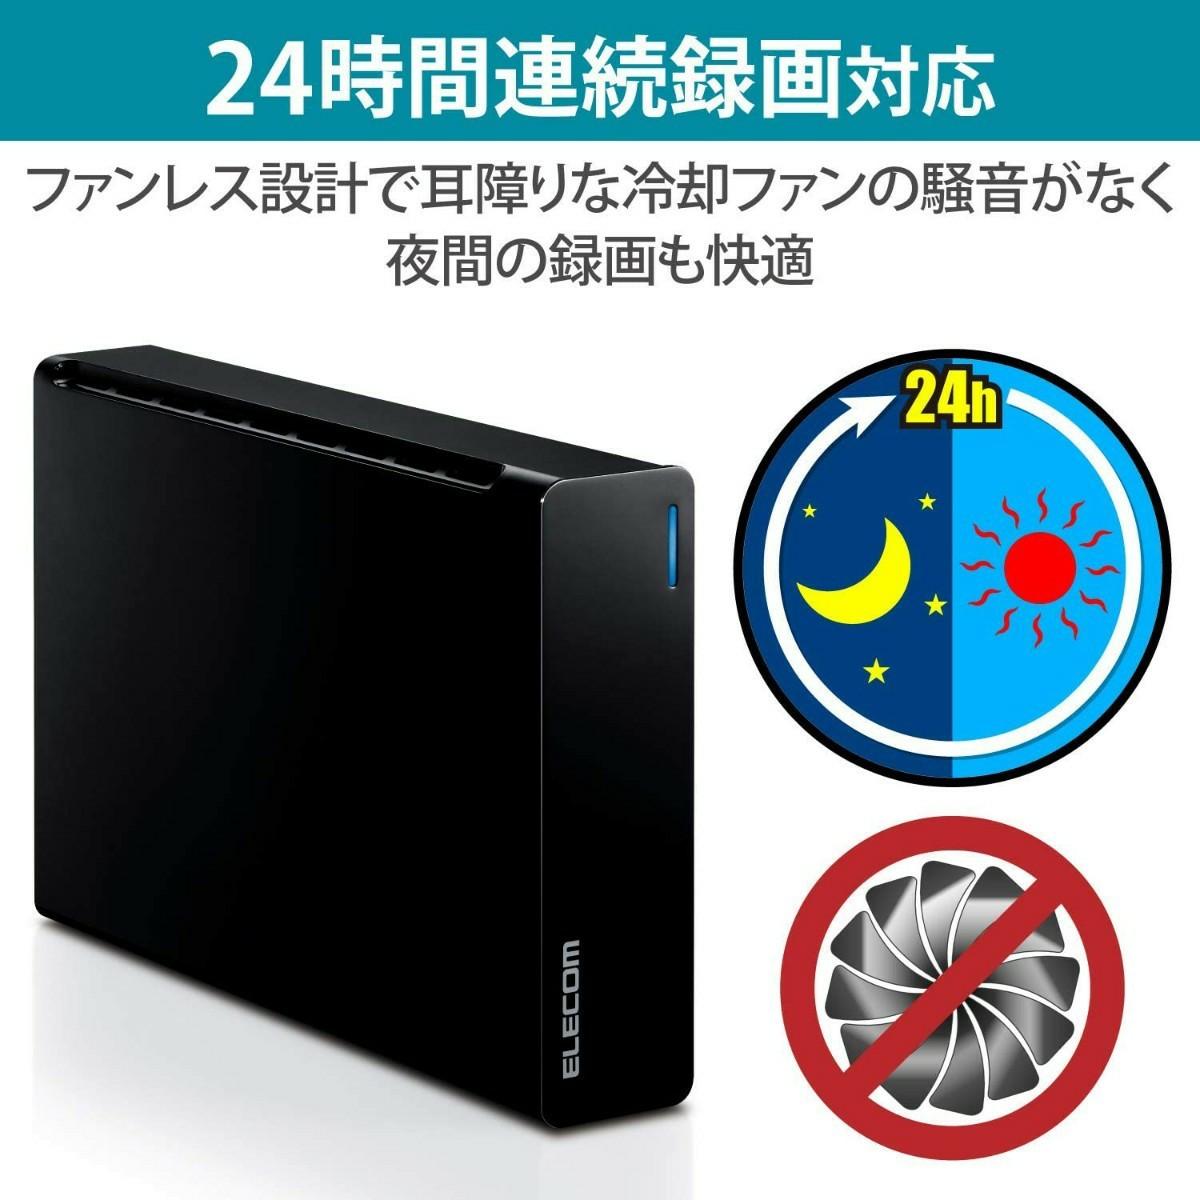 外付けハードディスク 2TB USB3.2(Gen1) テレビ録画/パソコン対応 静音ファンレス設計 ELD-FTV020UBK